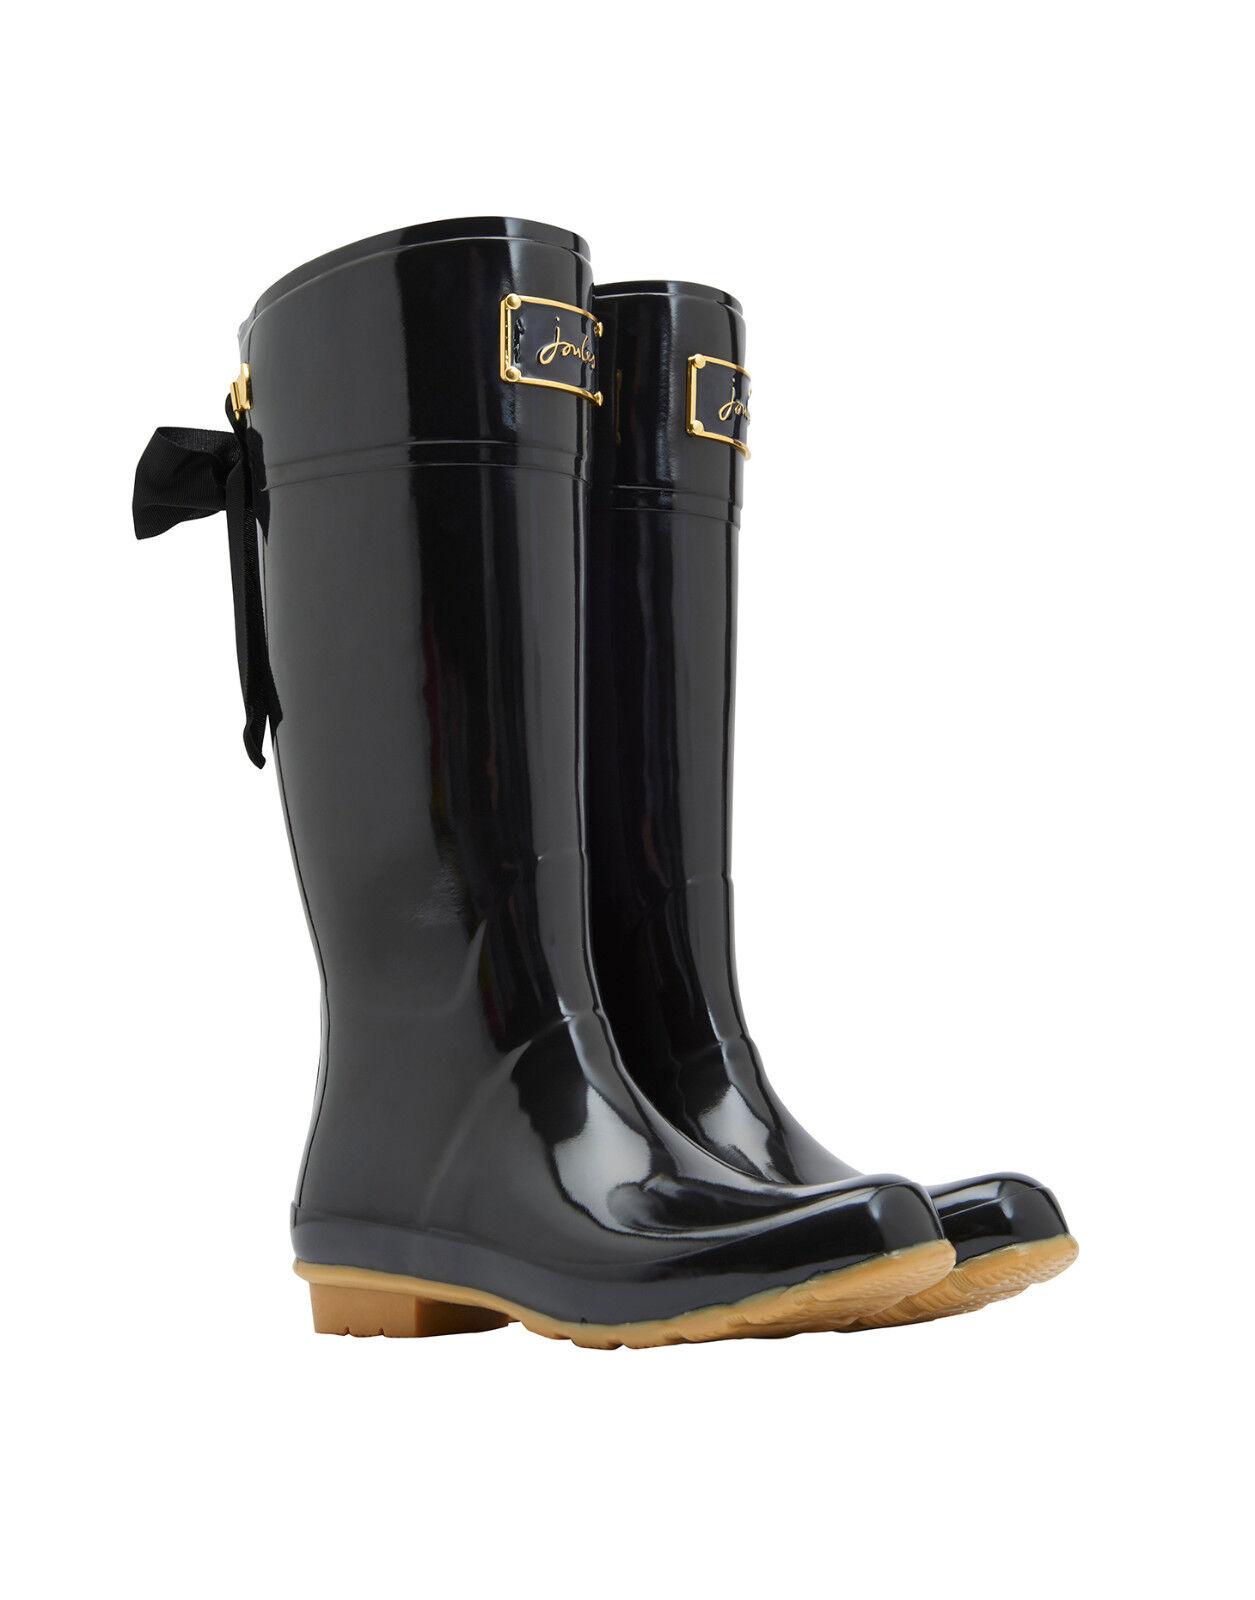 Grandes zapatos con descuento % JOULES Tom Joule Gummistiefel EVEDON schwarz Lack mit Schleife Gr.38 - 40 NEU